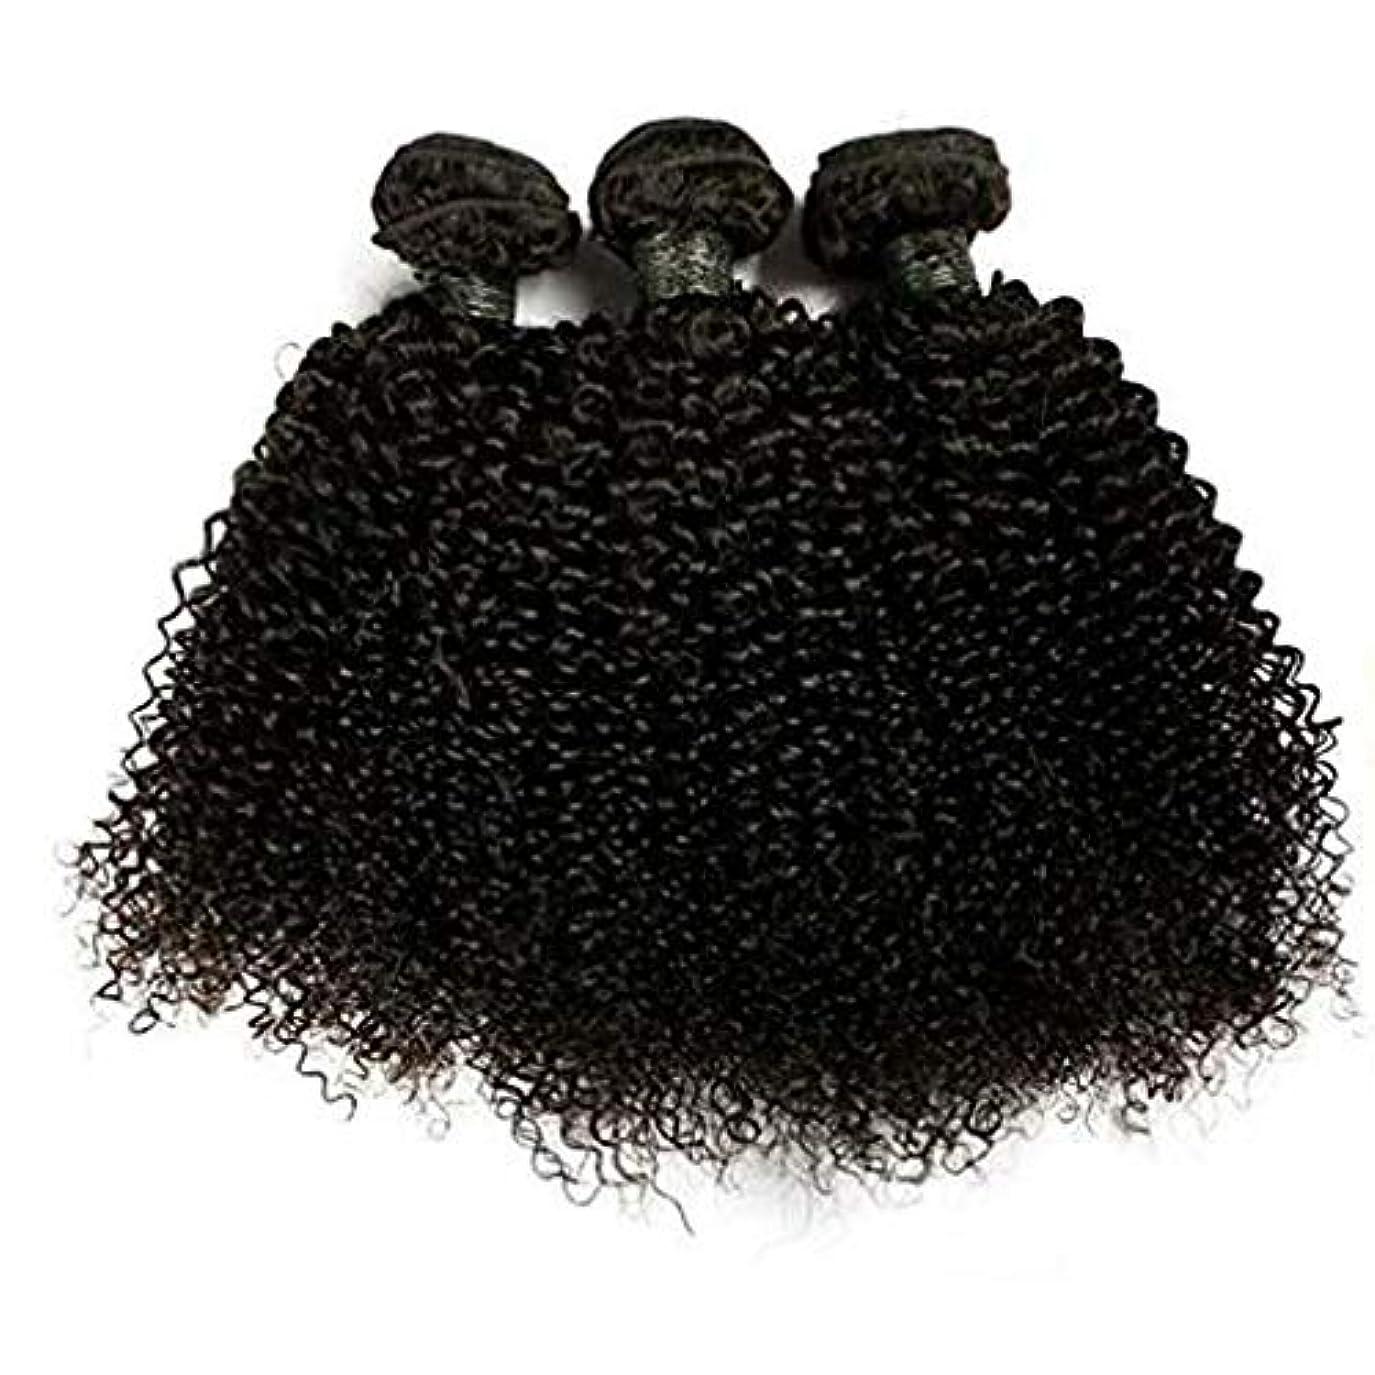 いわゆる身元溝WASAIO 髪織りナッピーカーリーバージン人毛エクステンション横糸女性の12のバンドルブラジルレアルリアルな色の「-18」1つのバンドル (色 : 黒, サイズ : 12 inch)